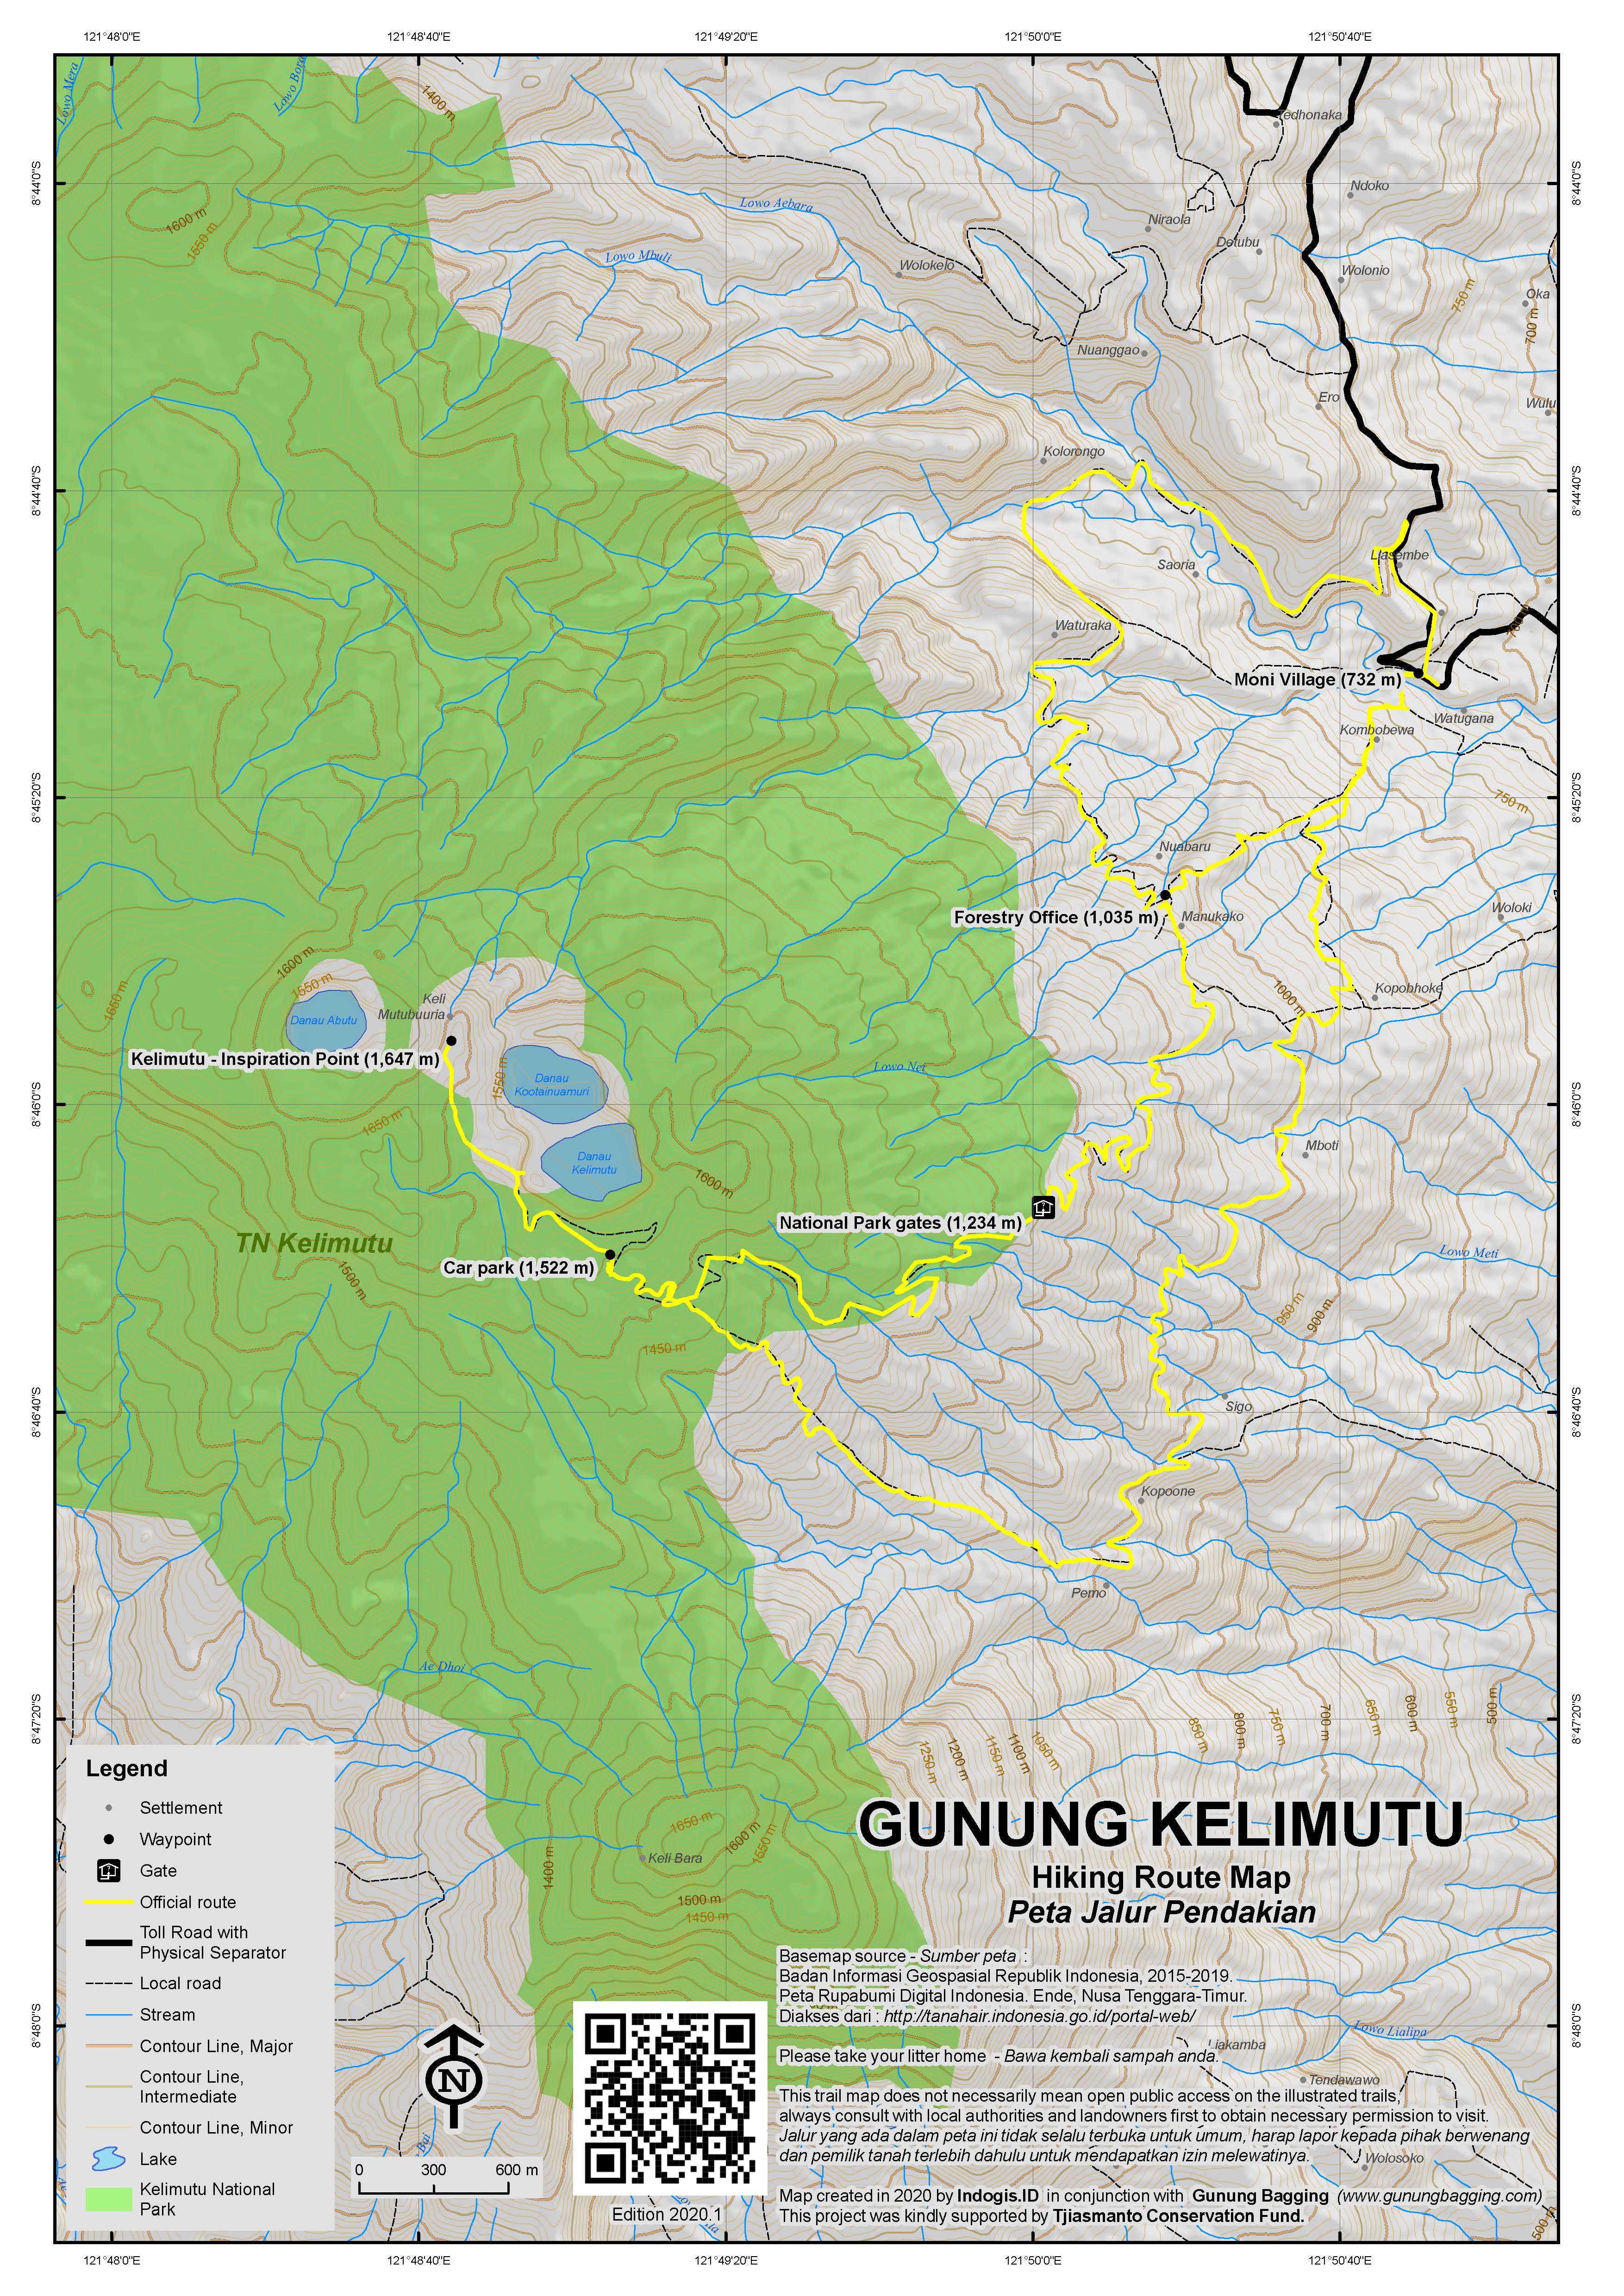 Peta Jalur Pendakian Gunung Kelimutu